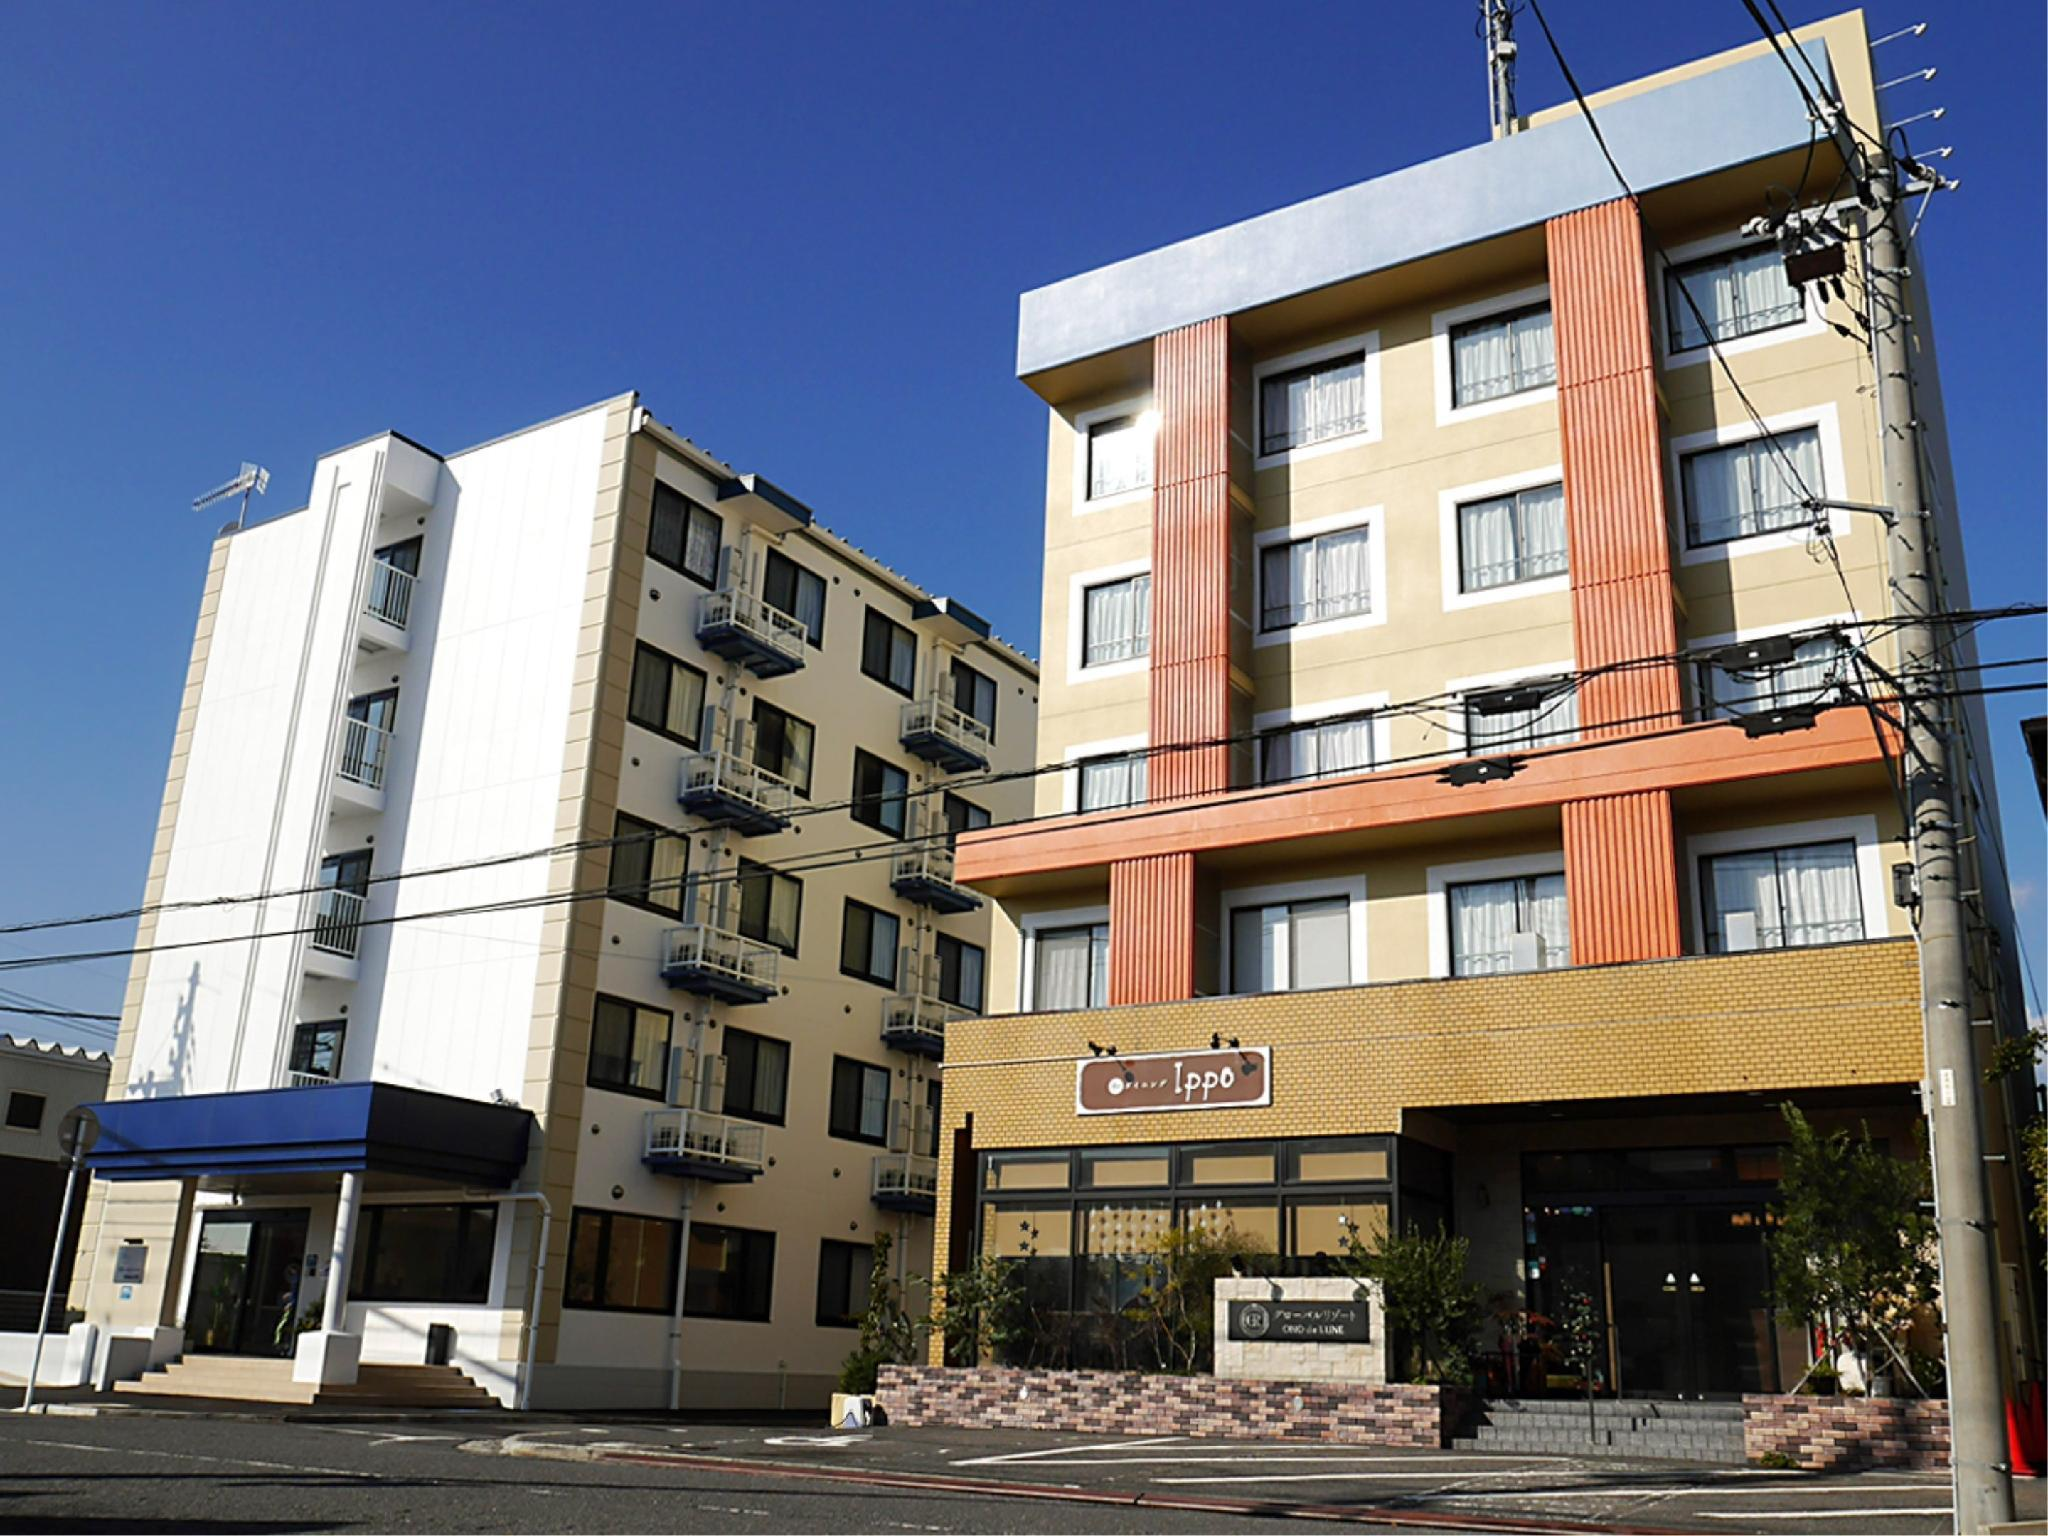 Global Resort Ono De Lune